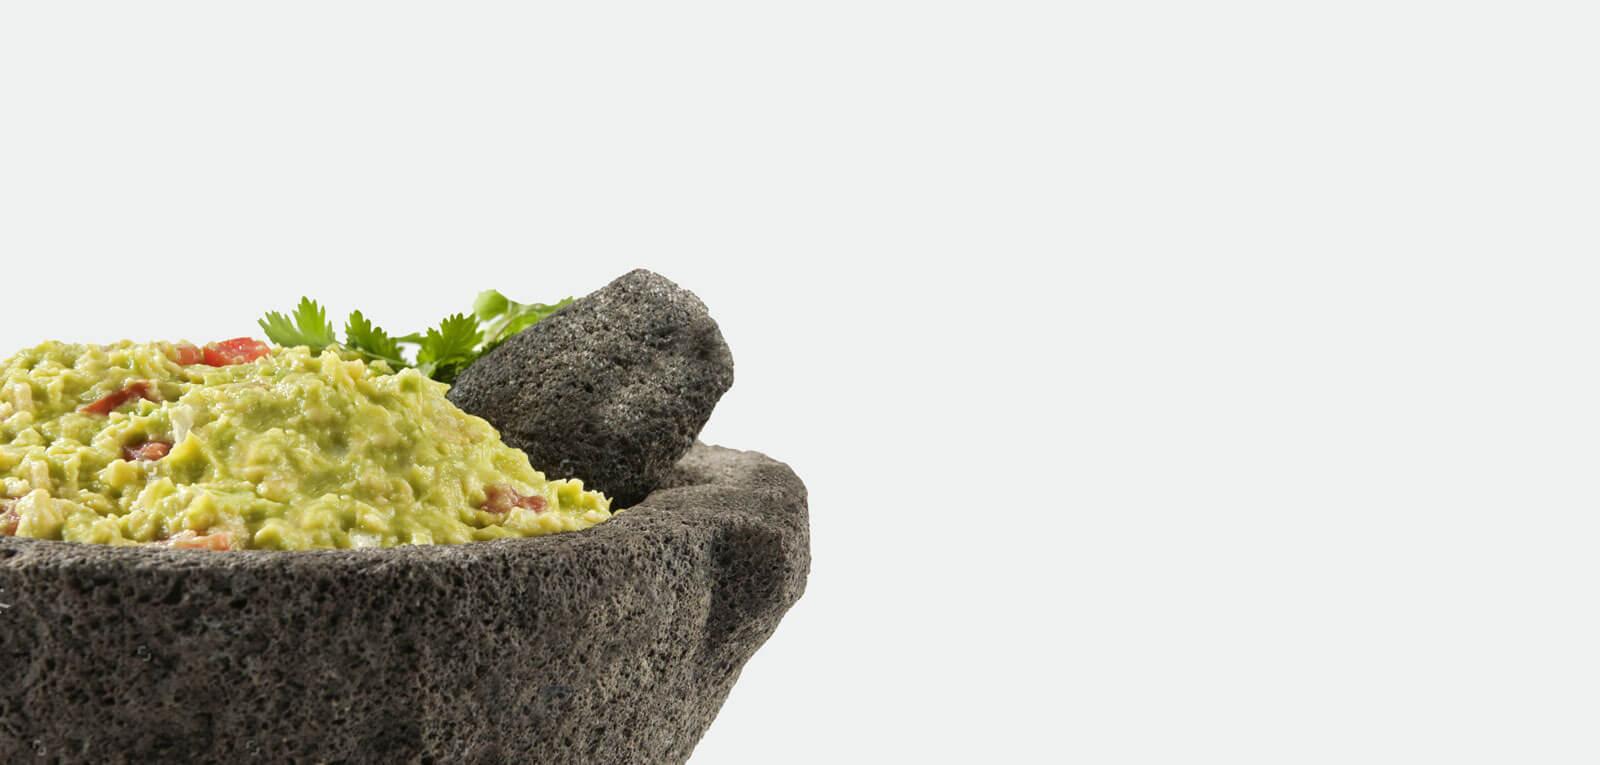 receta guacamole quetzálcoatl